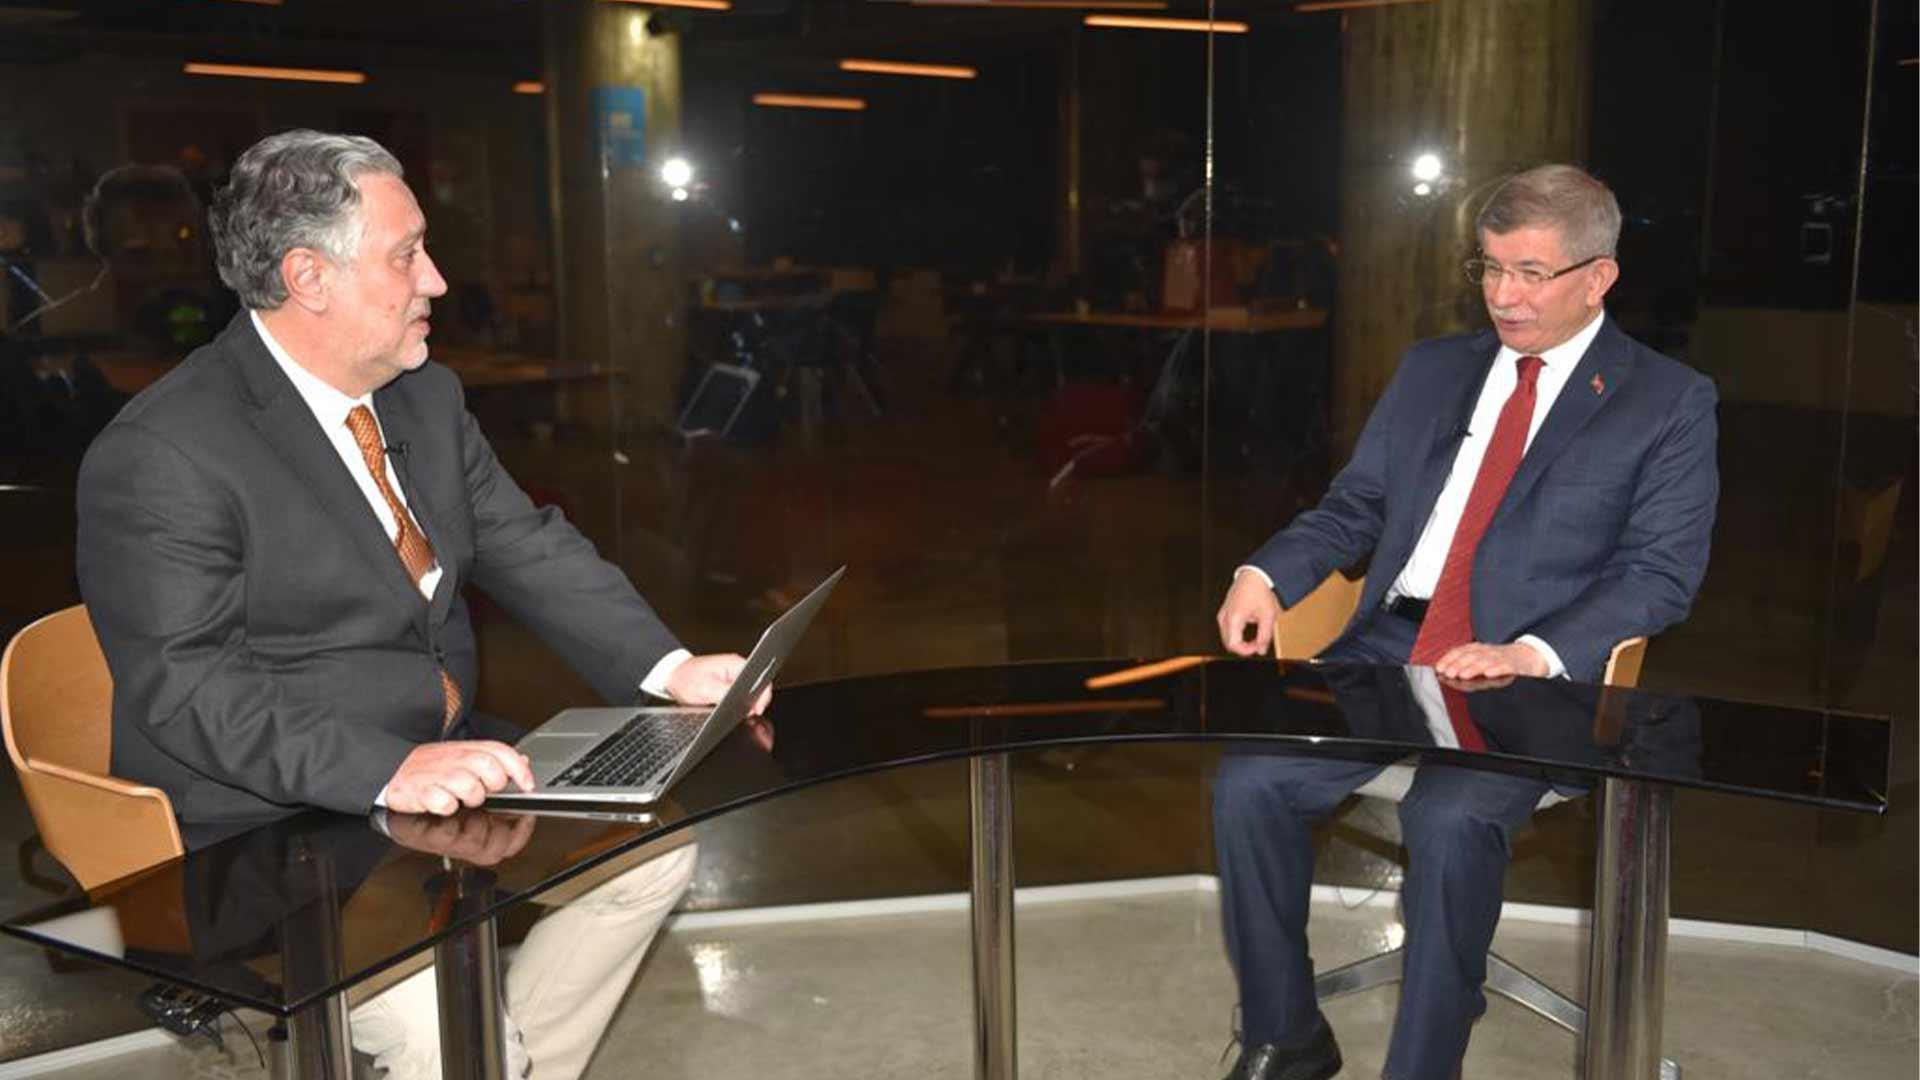 Davutoğlu: Sedat Peker'e devlet adına koruma veren siz değil miydiniz; bu iktidar bitiyor, seçim olmazsa yıldırım düşer!